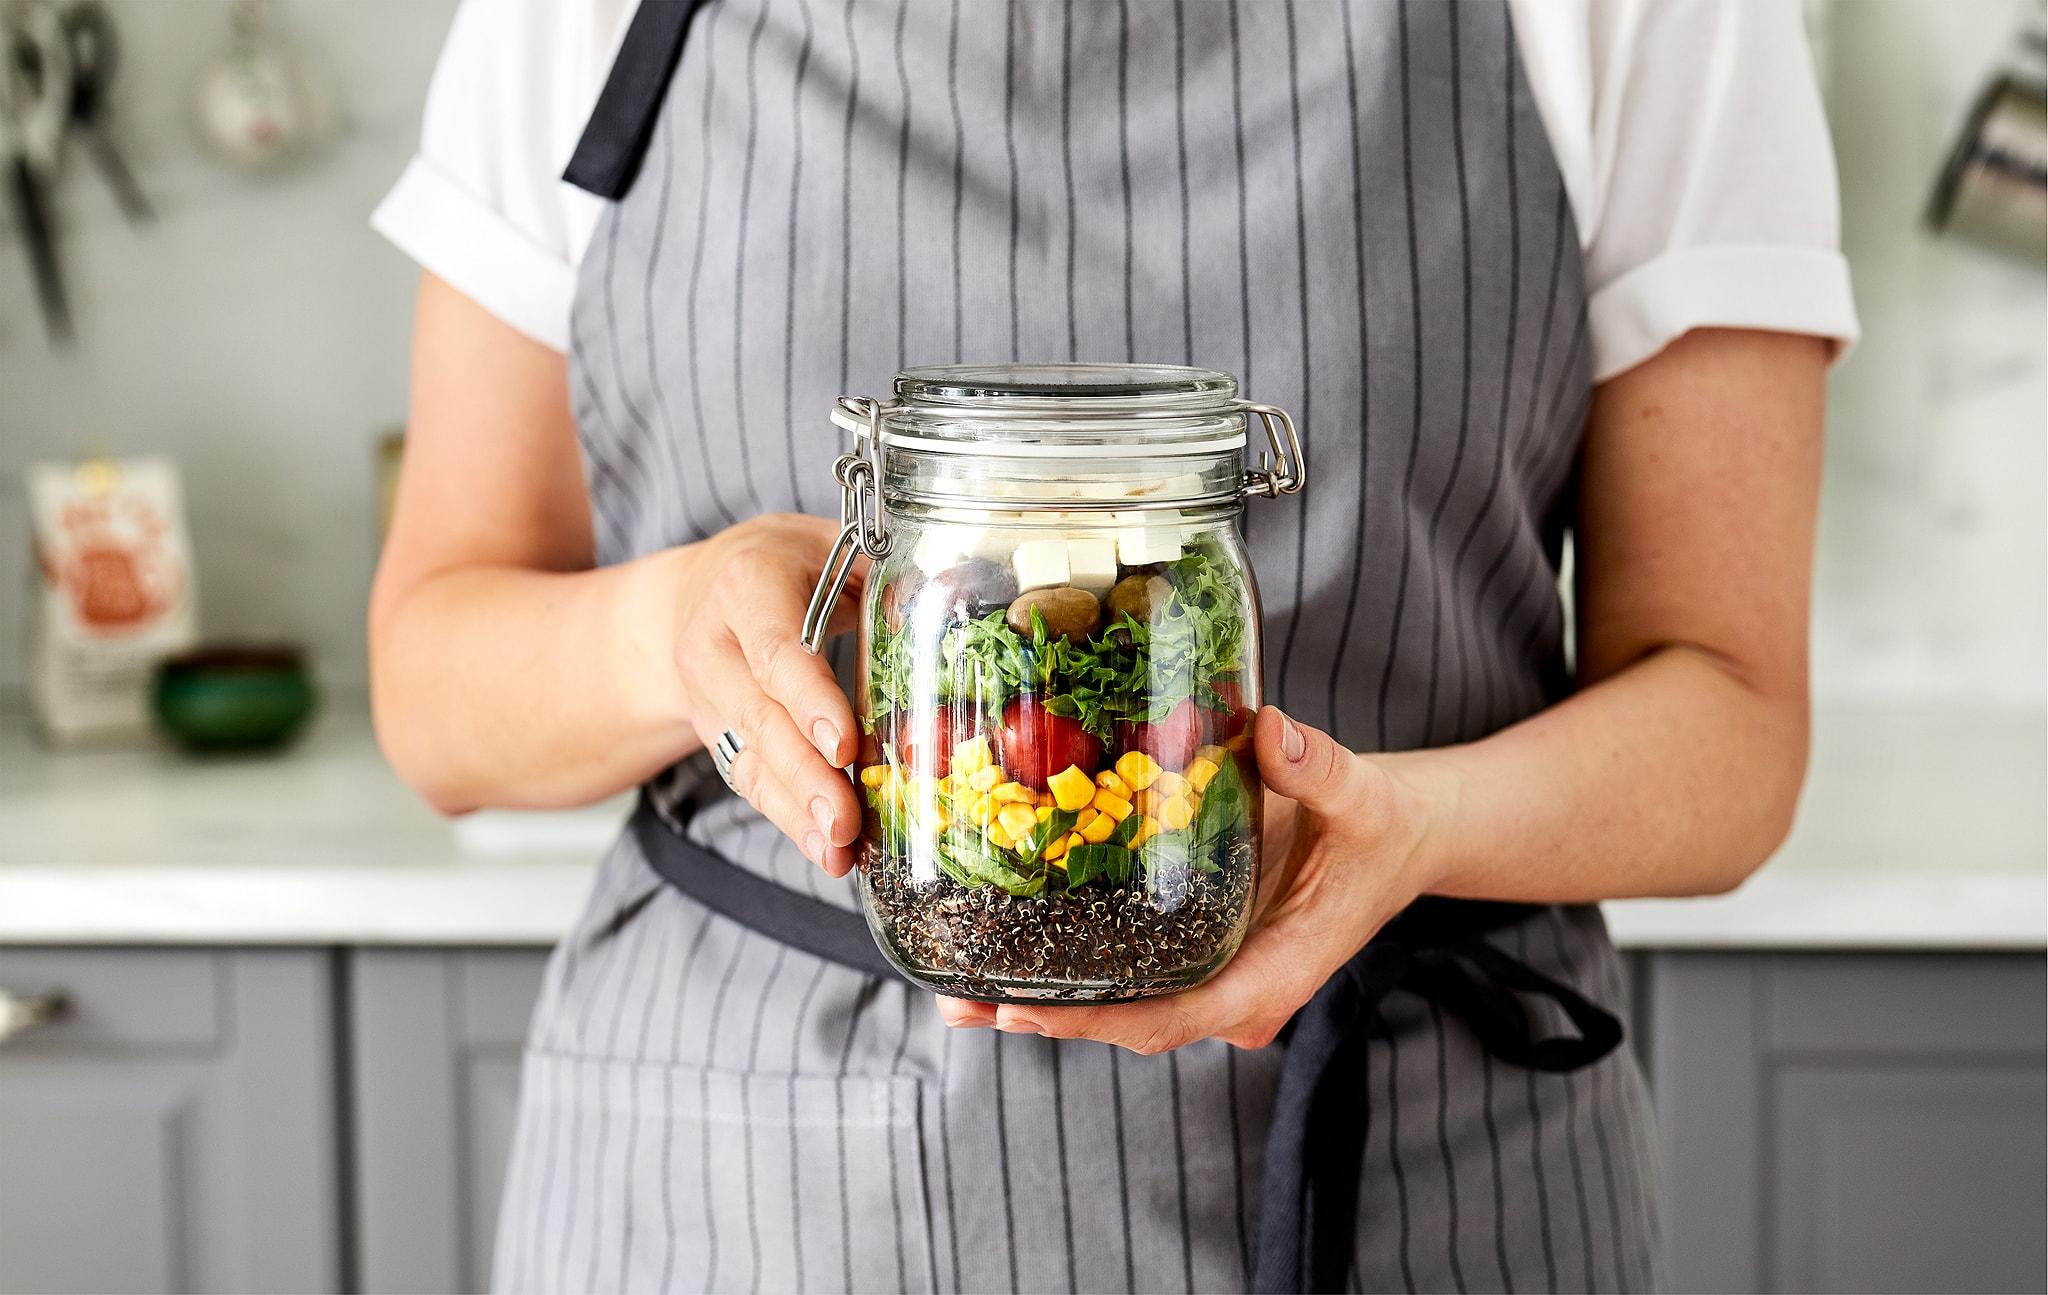 Wanita dengan celemek berdiri di dapur, kedua tangannya memegang toples kaca berisi salad berlapis-lapis yang berwarna-warni.